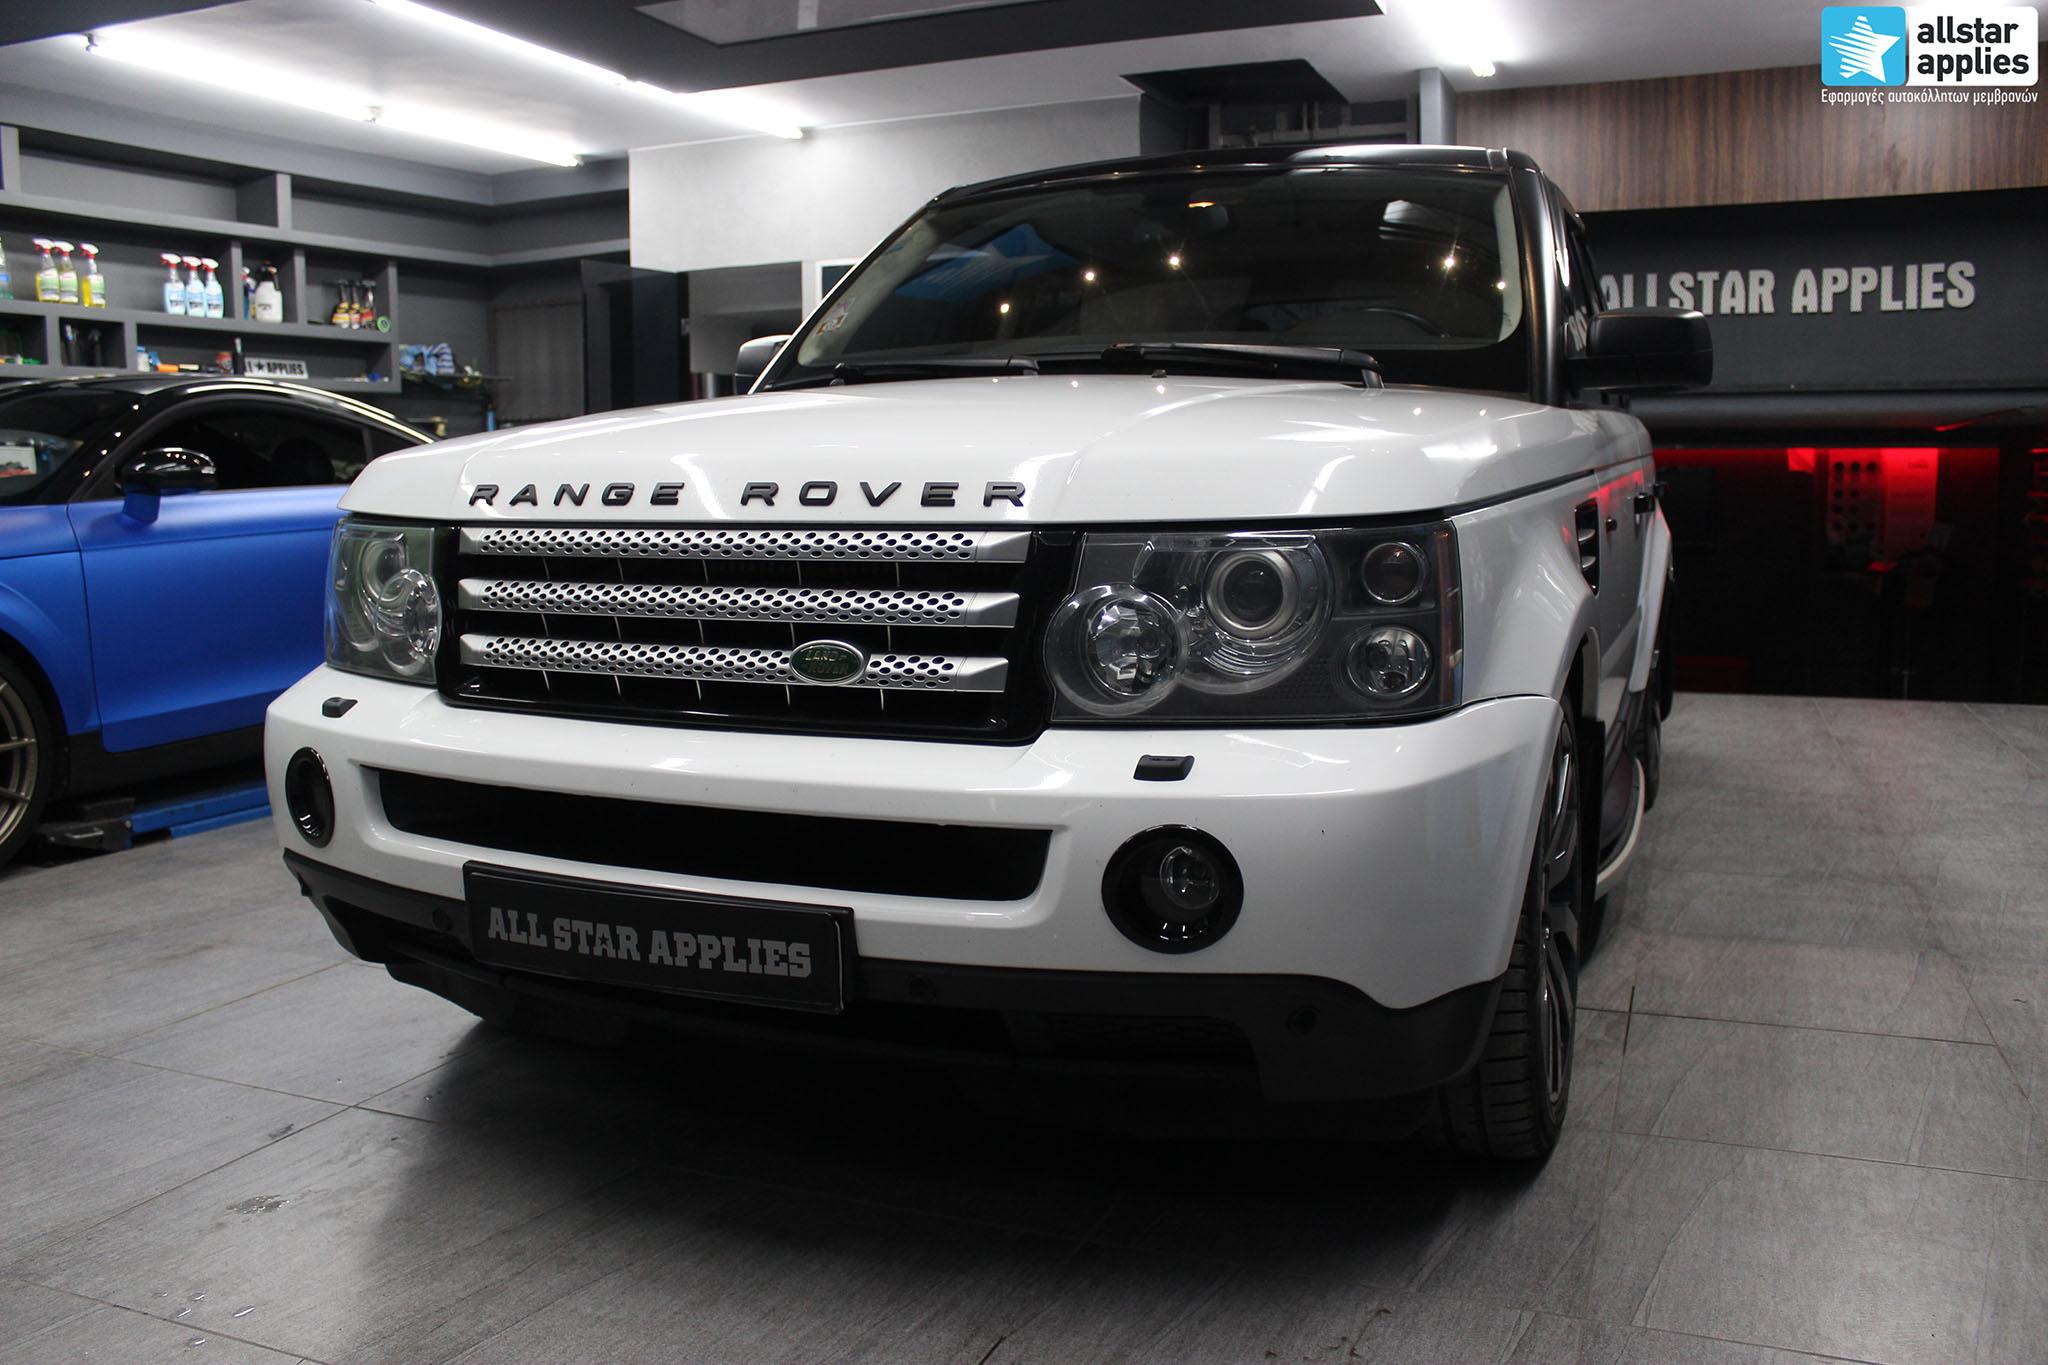 Range Rover – White Metallic (4)